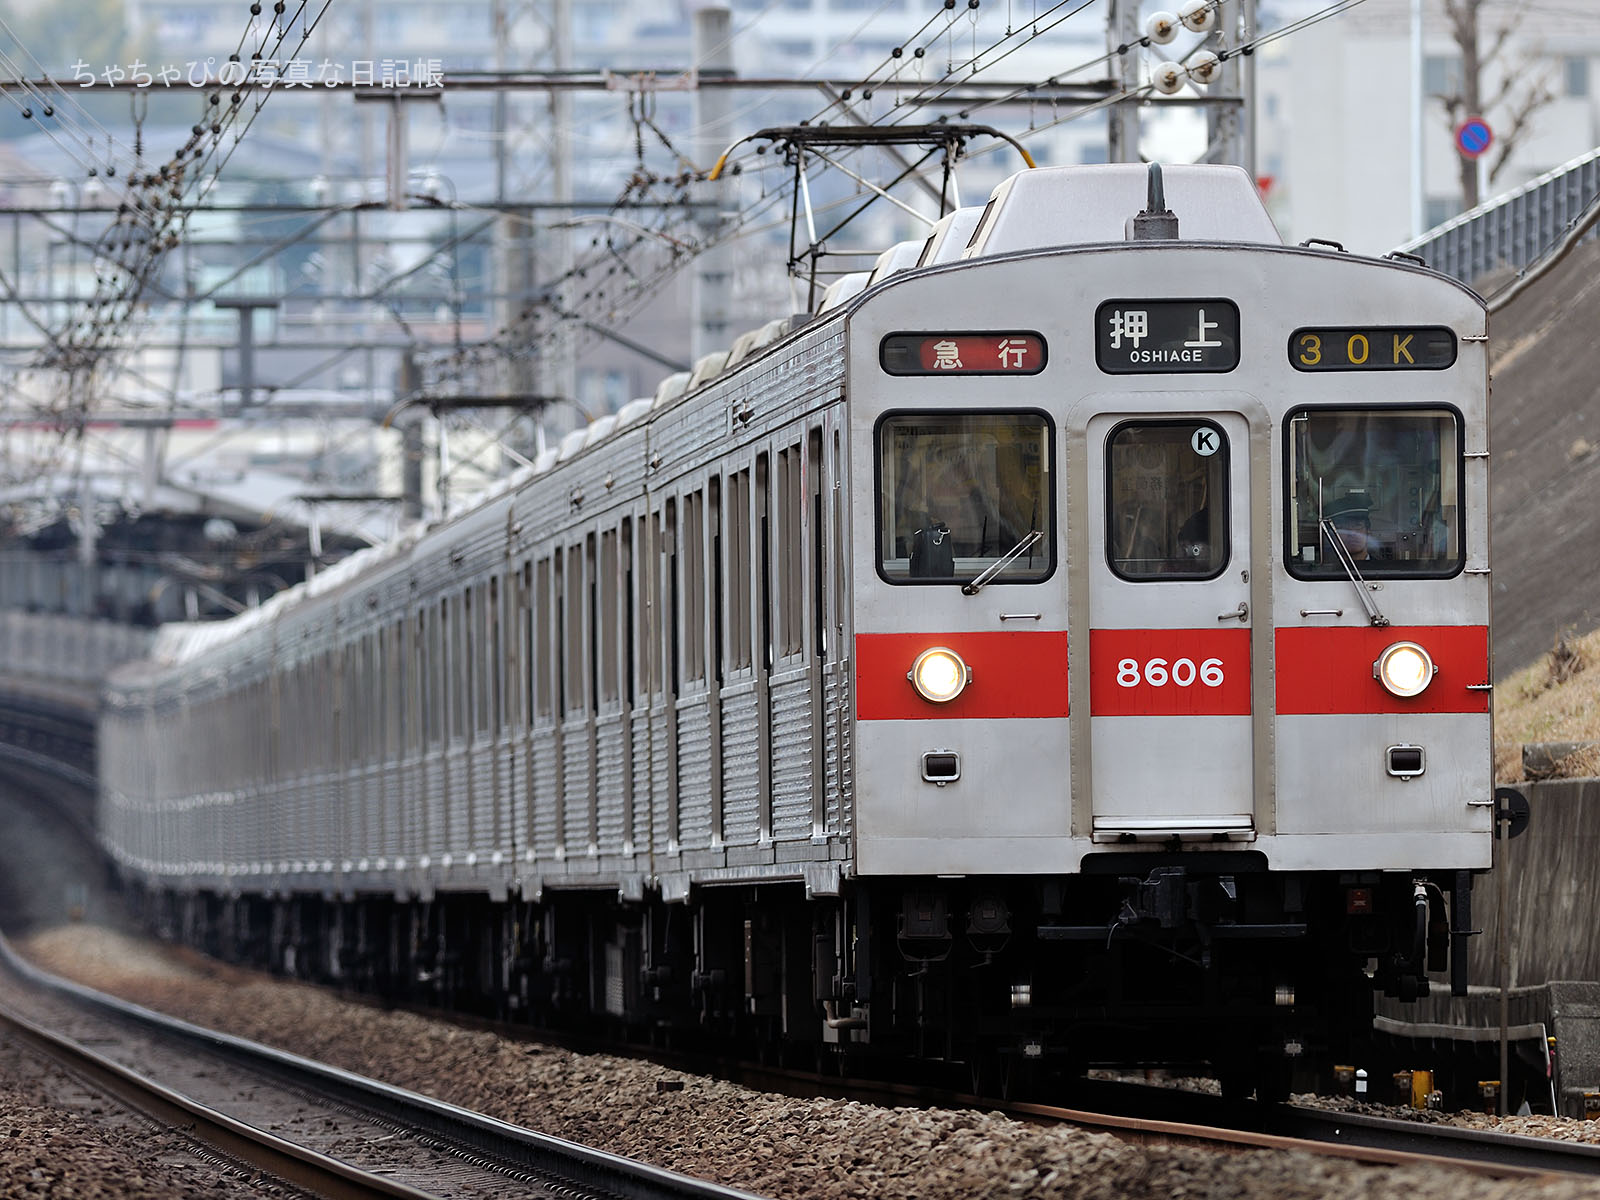 30K 8606F